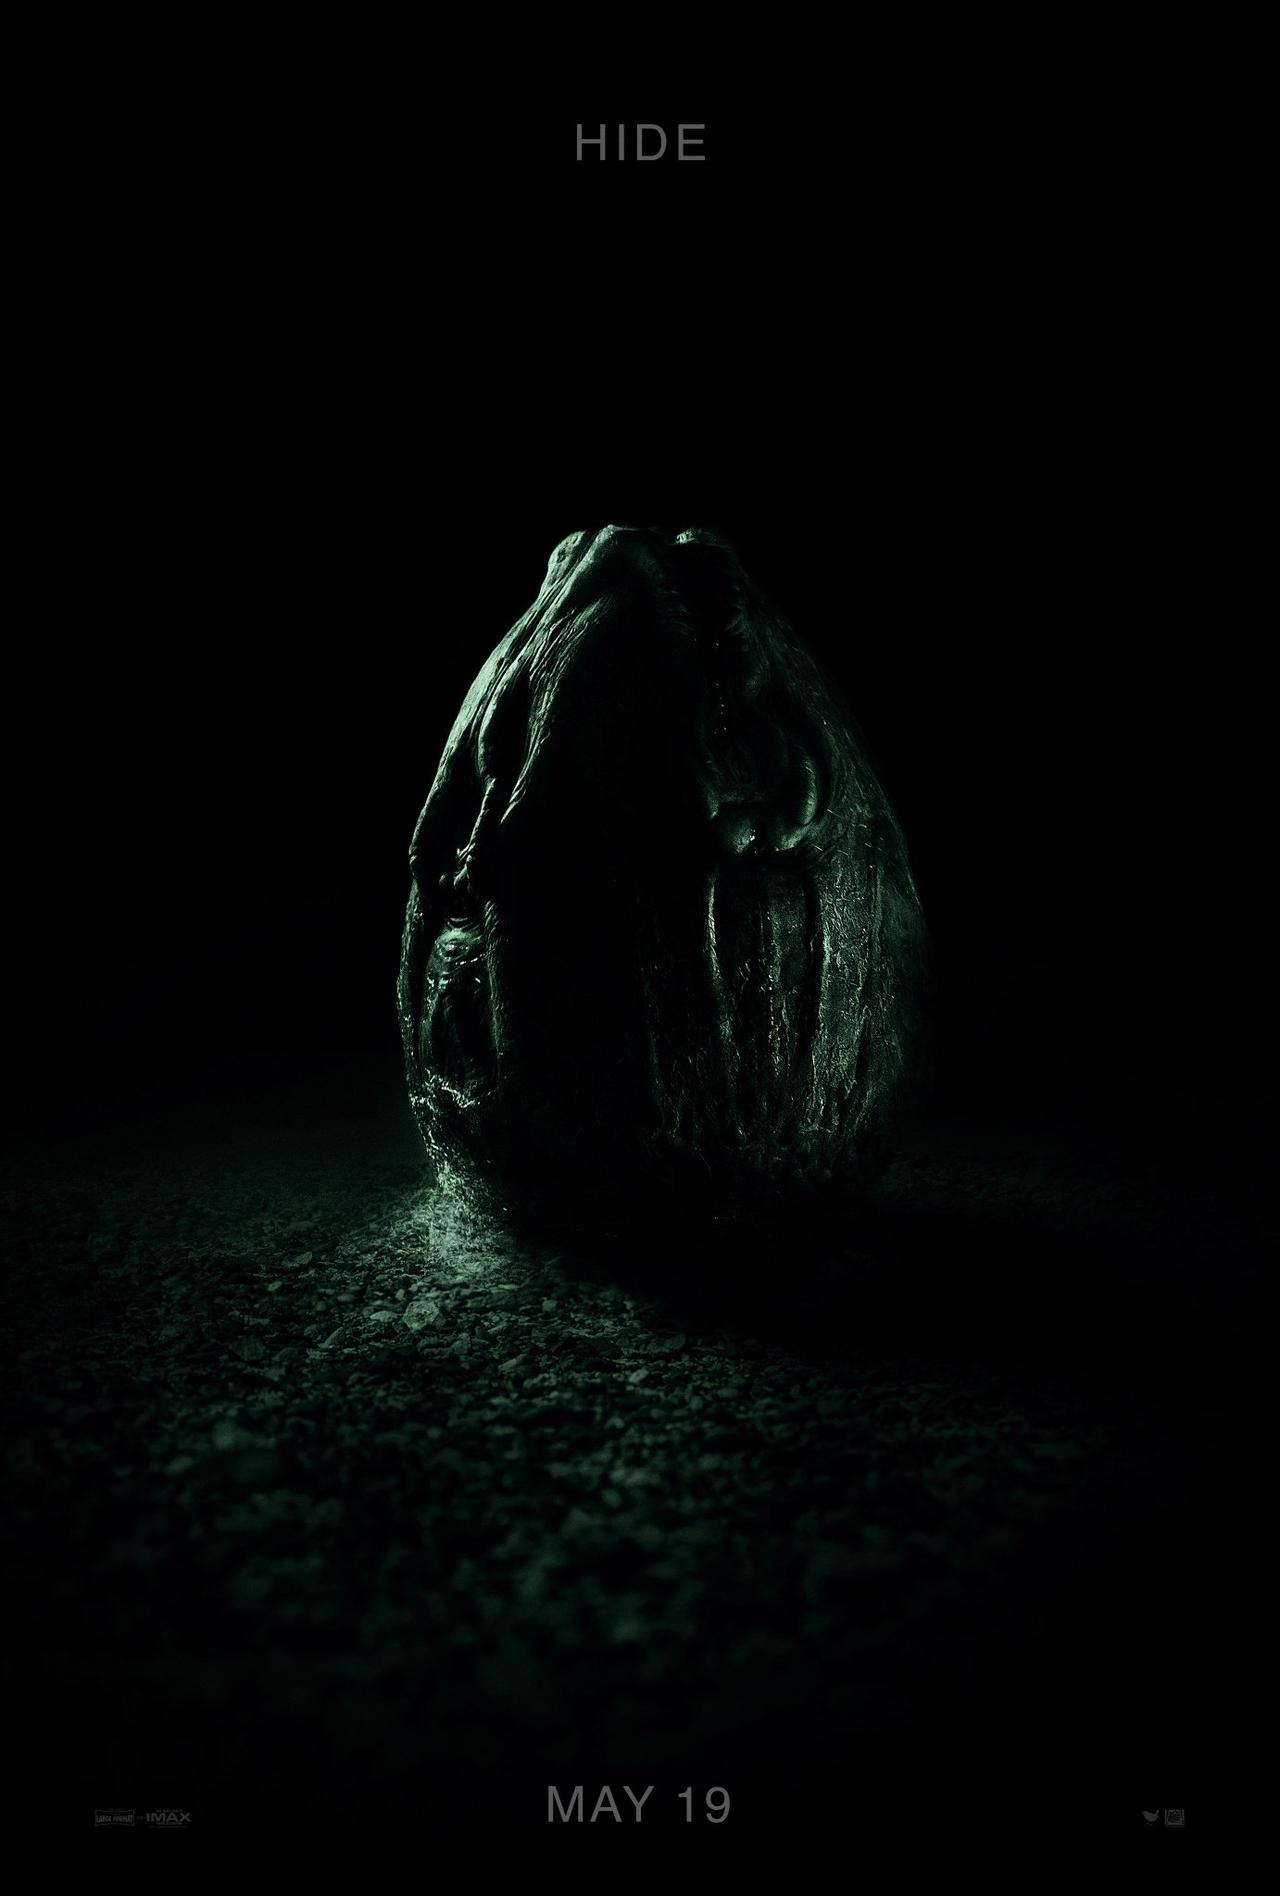 画像: http://www.alien-covenant.com/news/new-alien-covenant-poster-debuts-new-trailer-lands-tomorrow